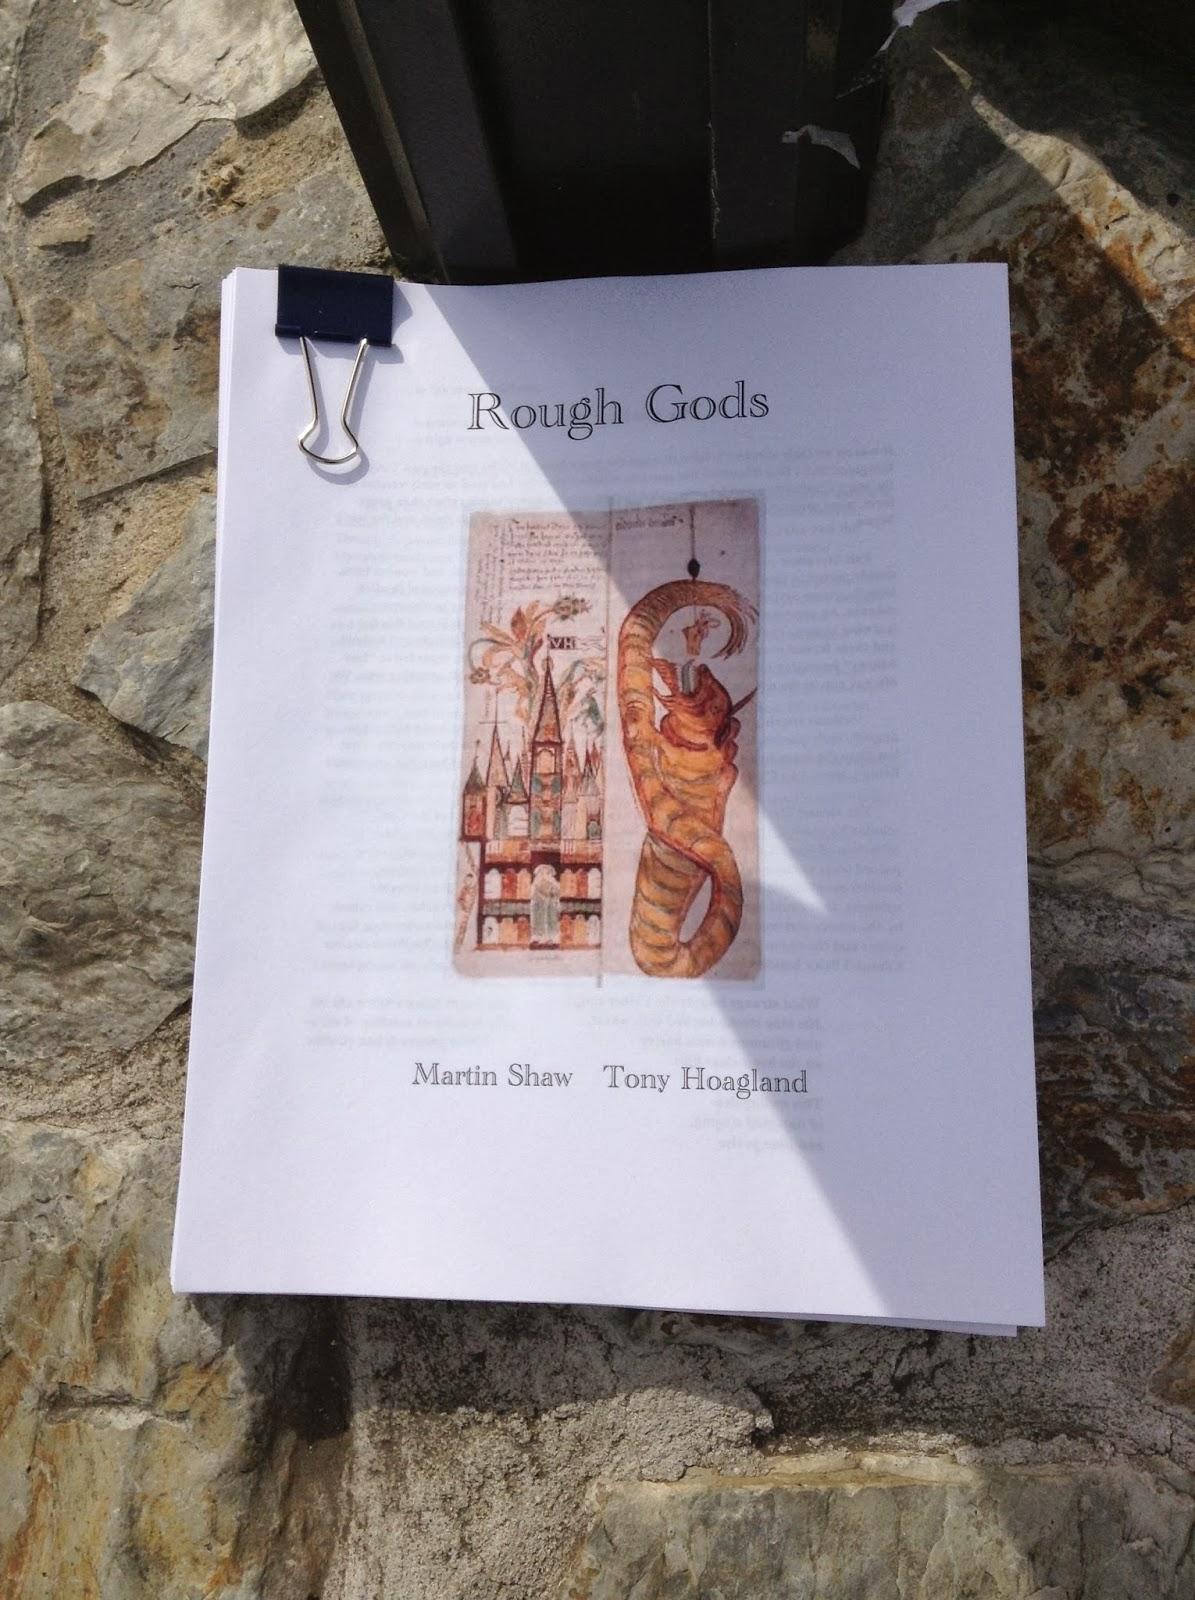 Rough Gods by Martin Shaw and Tony Hoagland